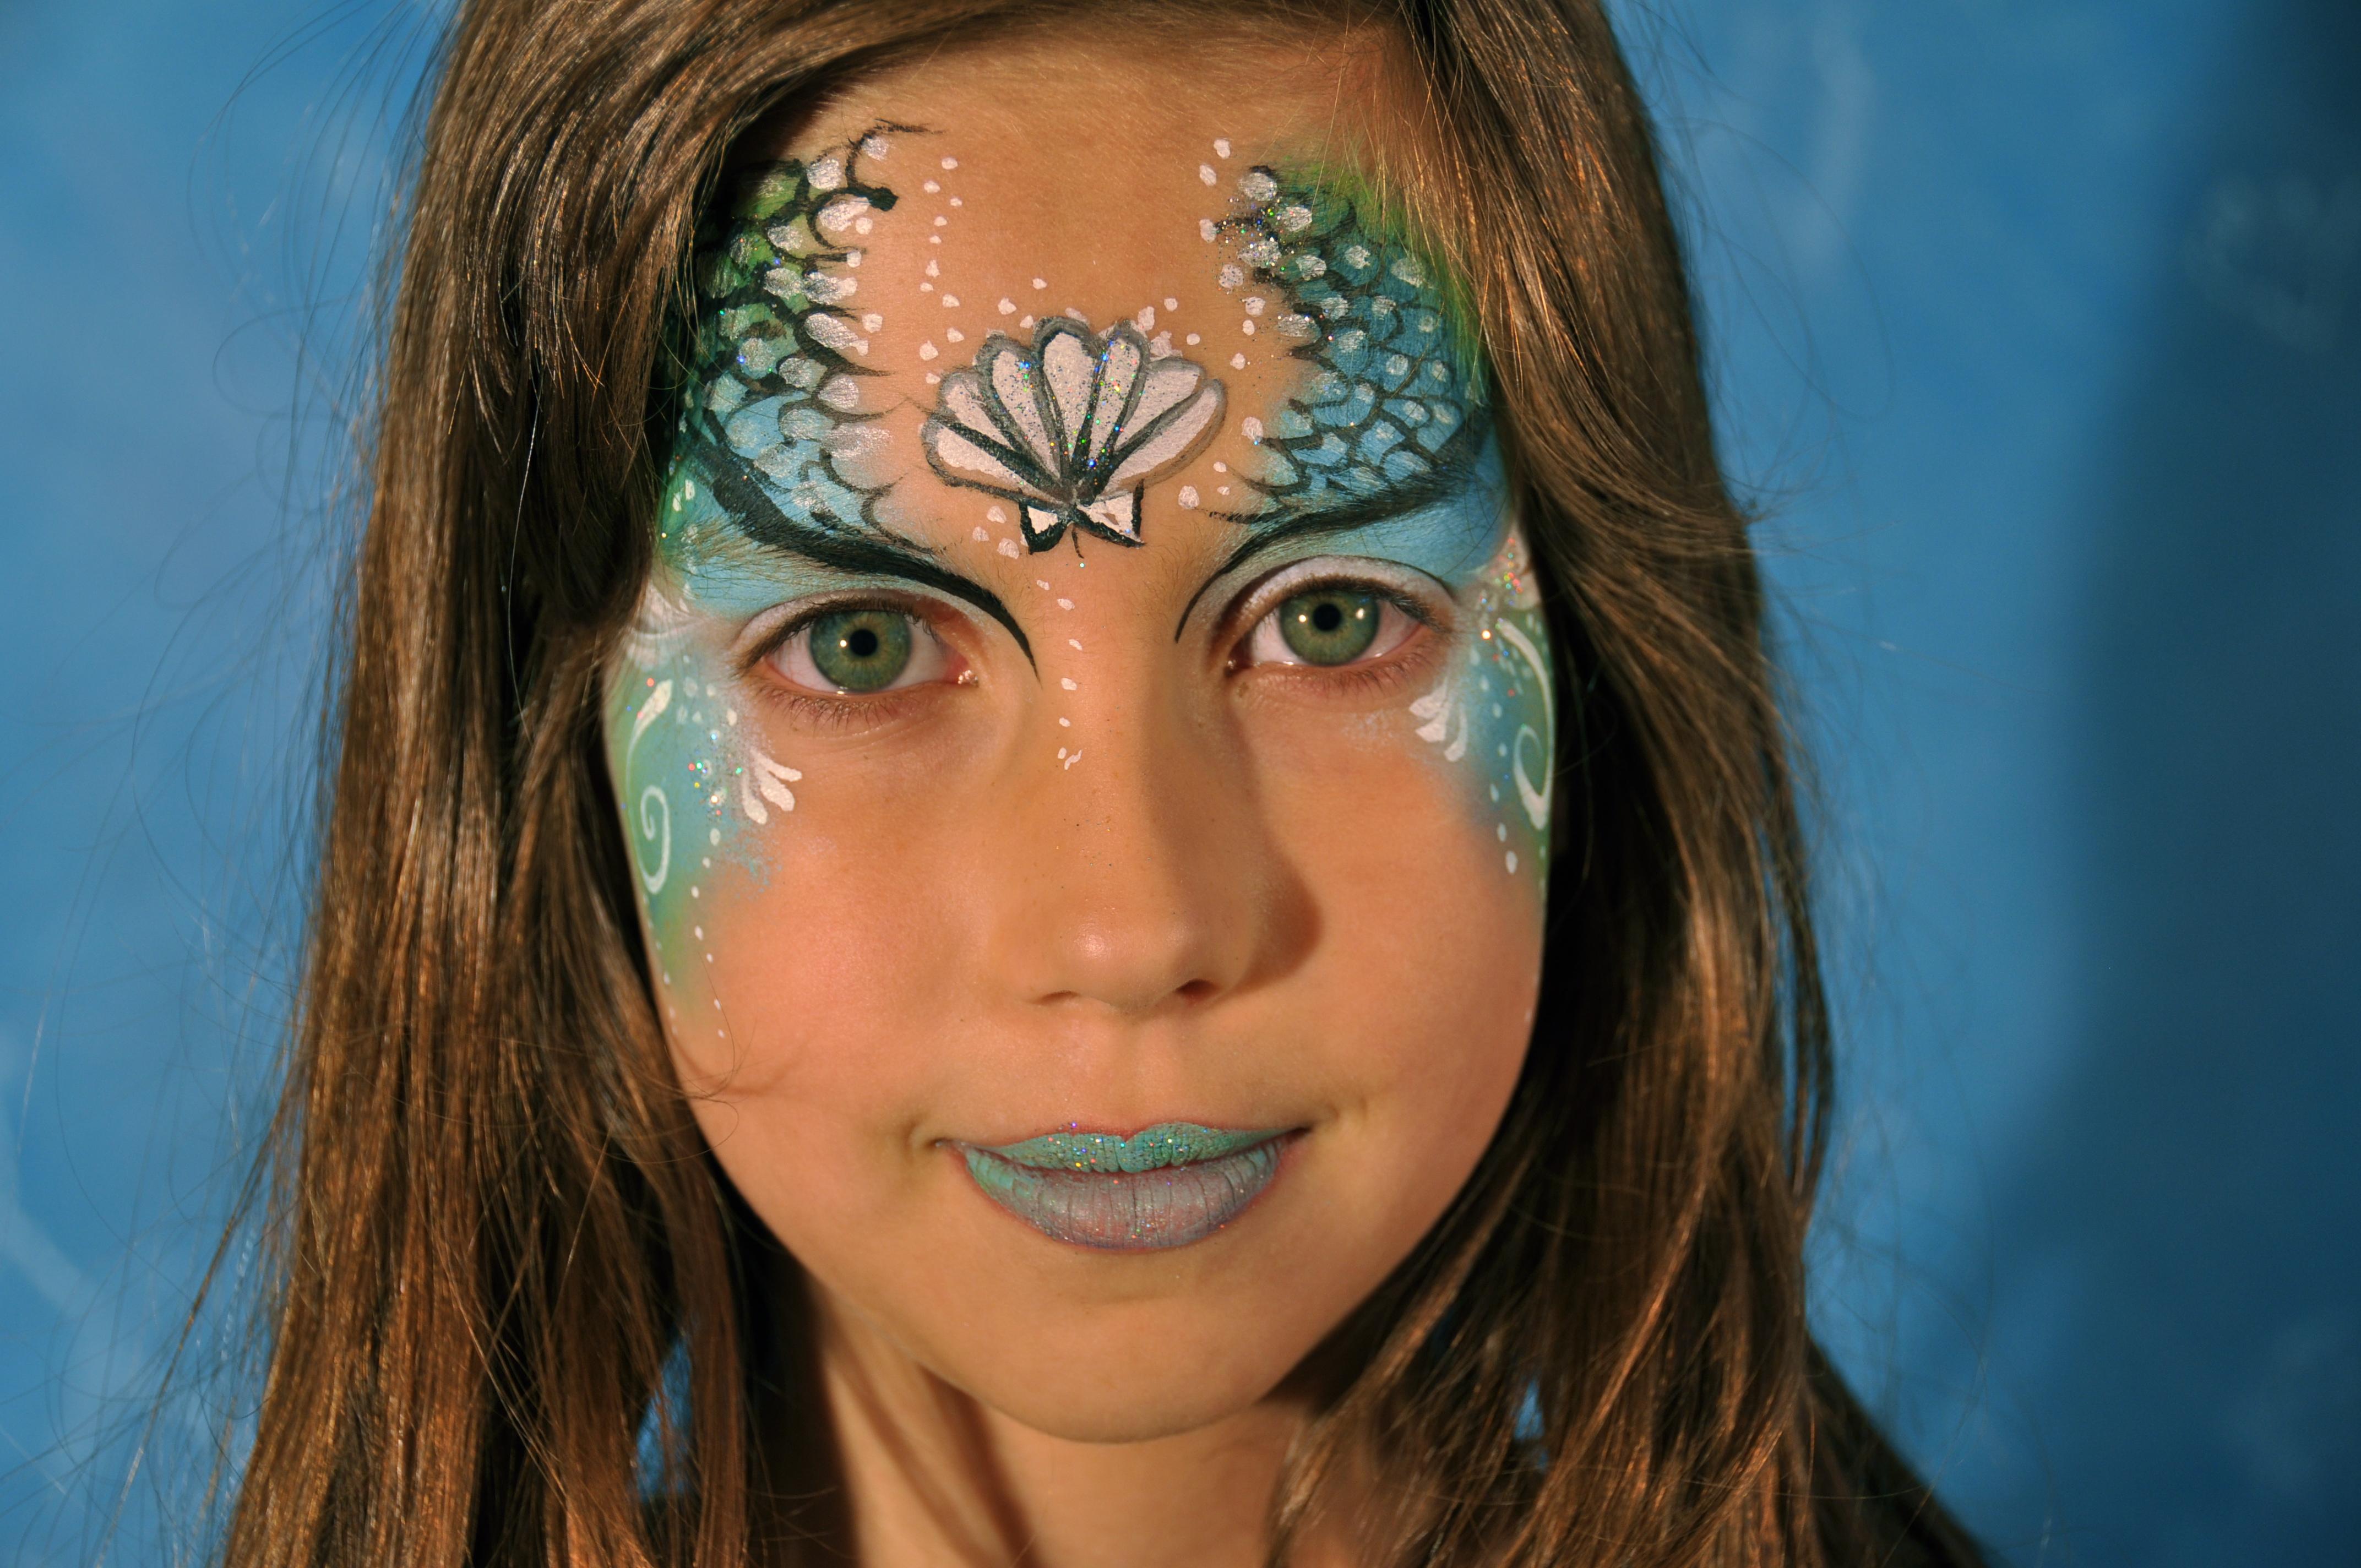 Mermaid Face paintings